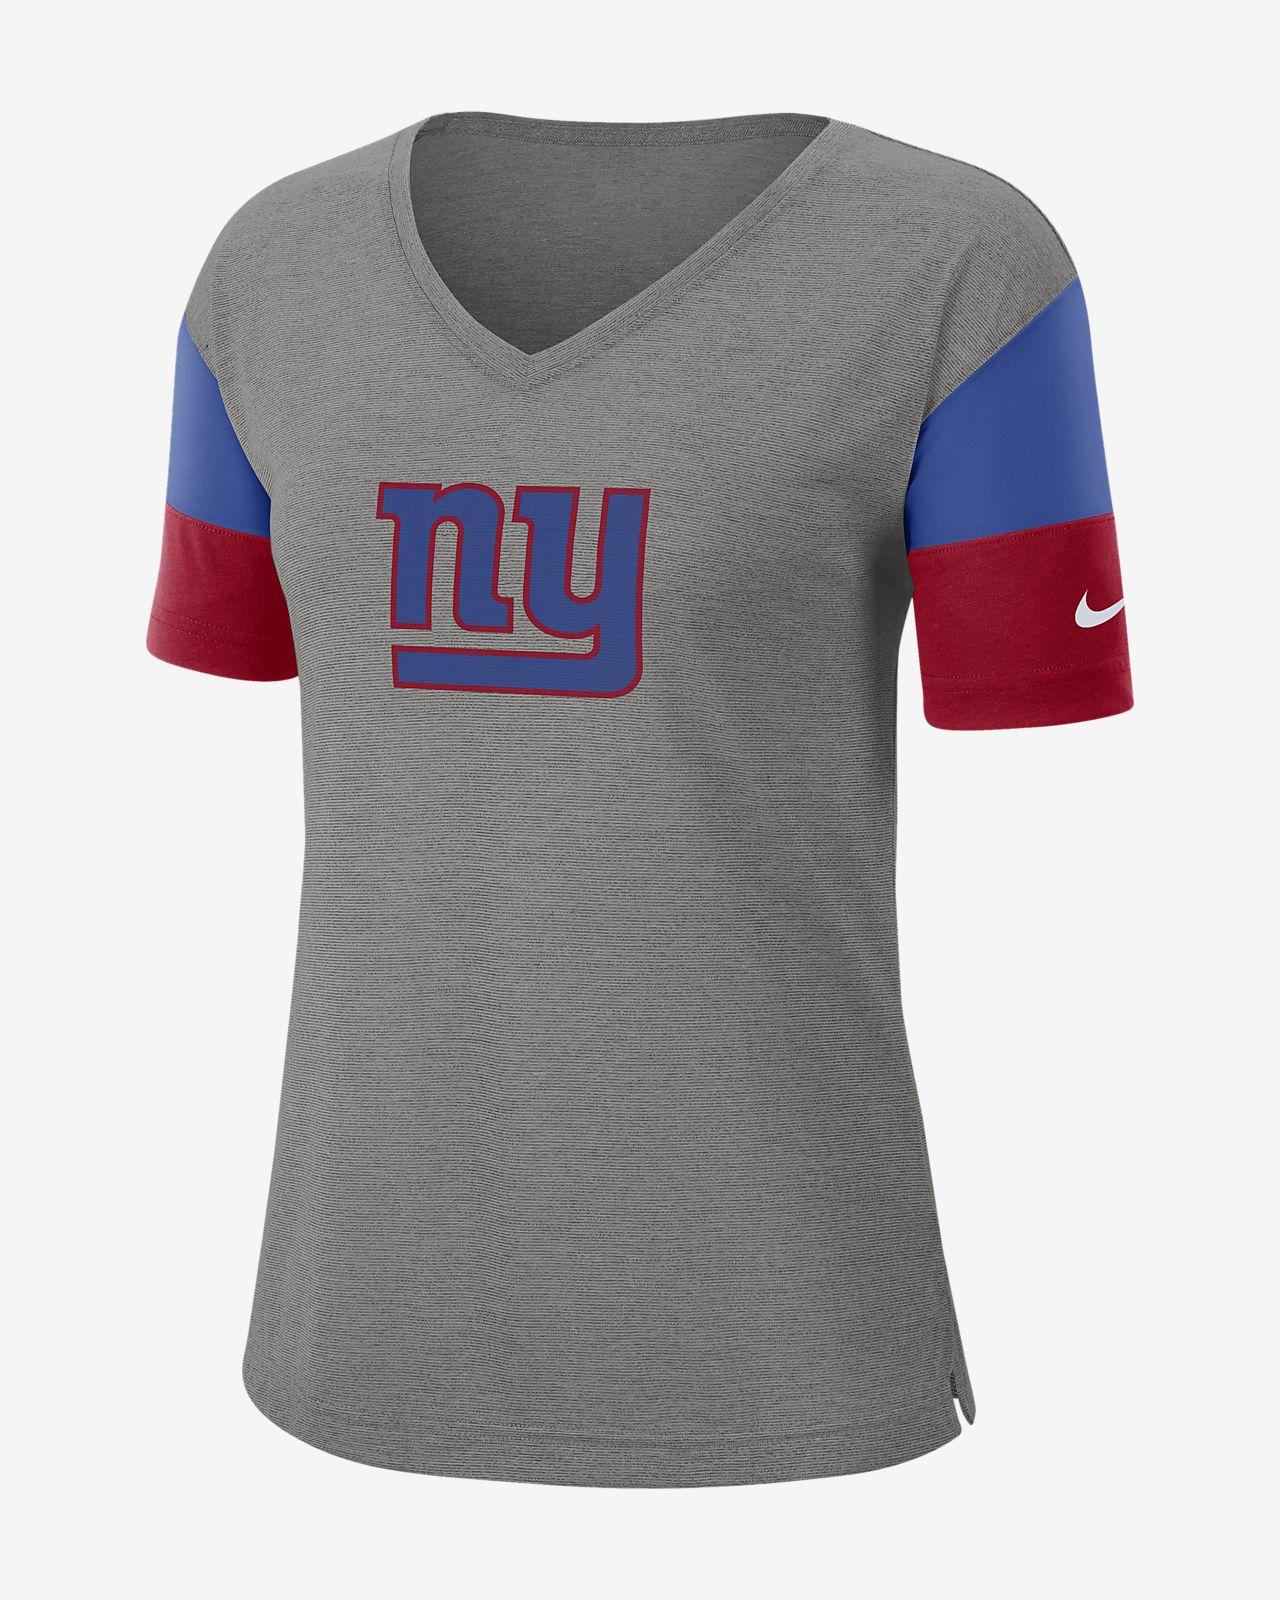 Nike Breathe (NFL Giants) Women's Short-Sleeve V-Neck Top